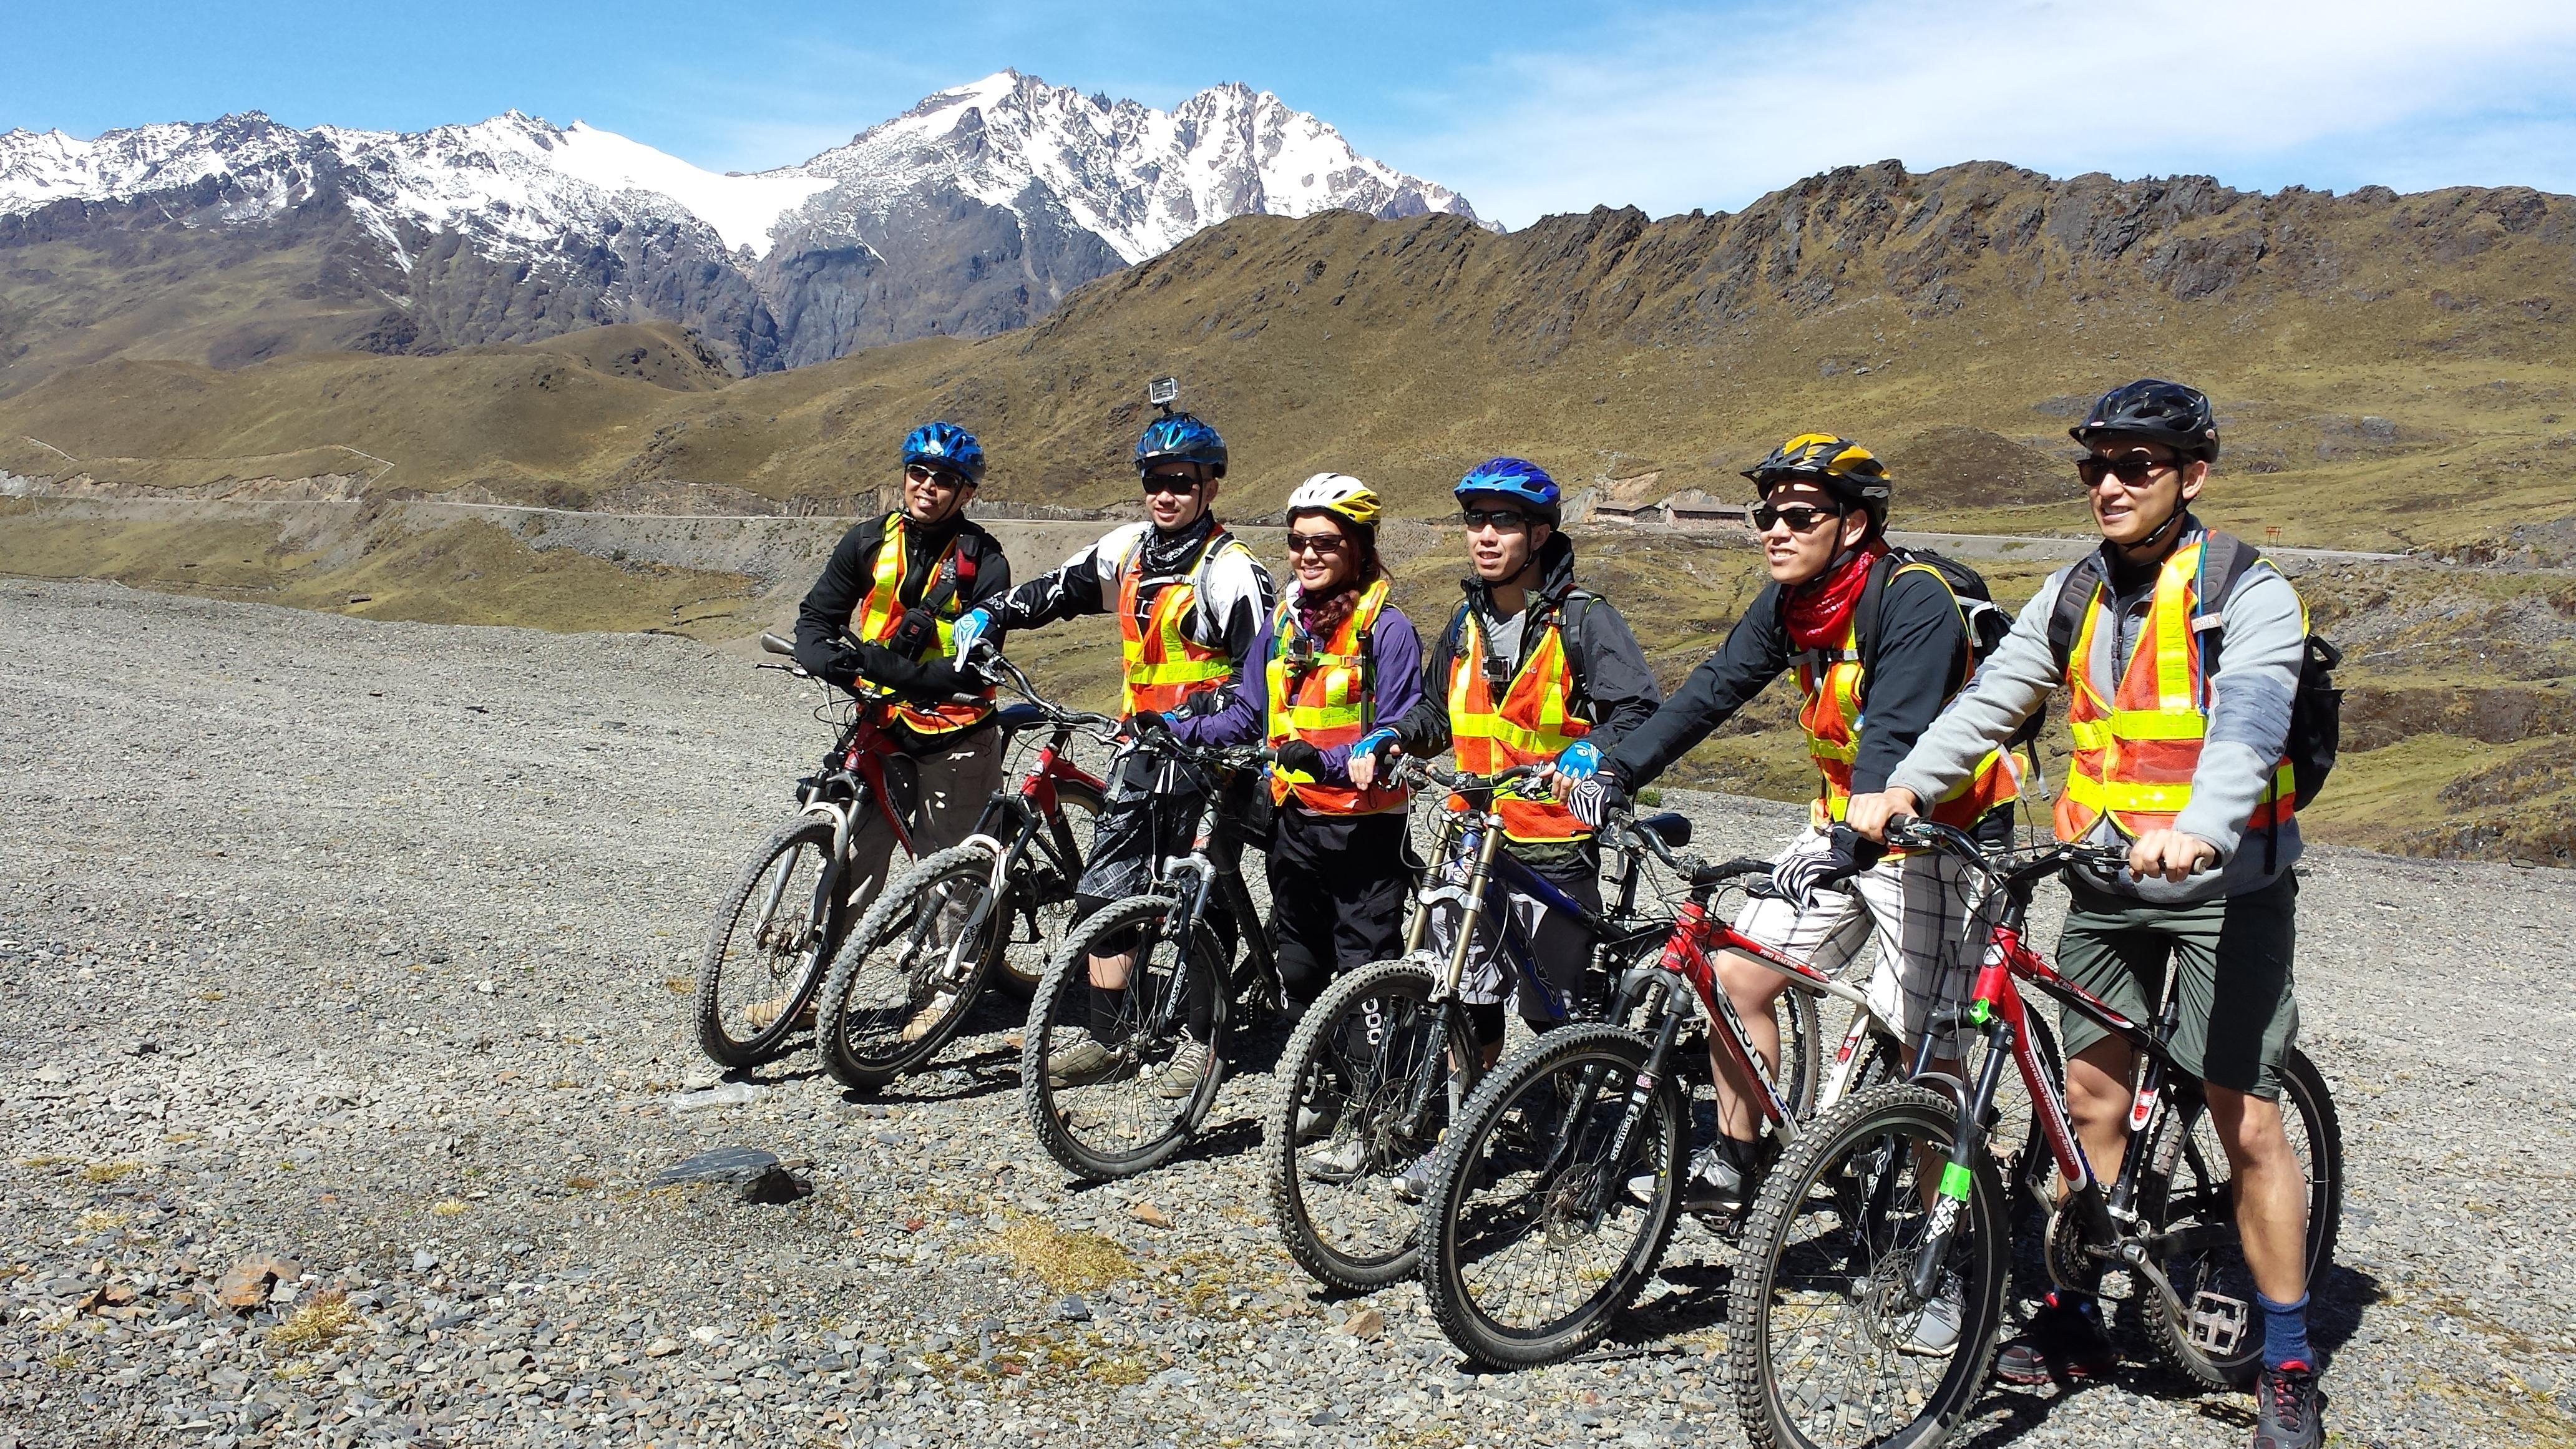 Machu Picchu Mountain Bike Tour Bike to Machu Picchu Mountain